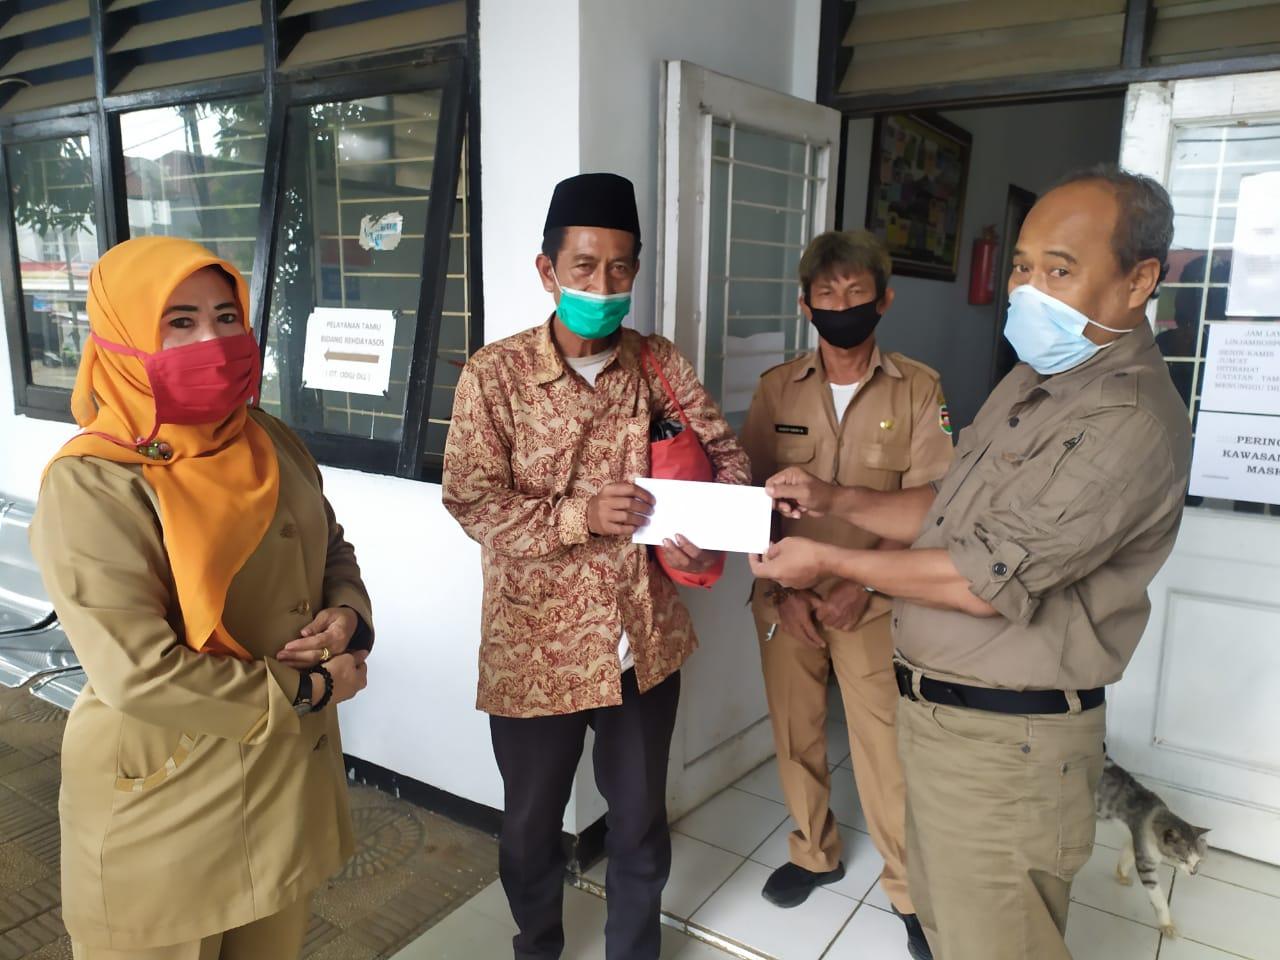 Senin, 21 Desember 2020 Pemberian Bantuan Kepada Orang Terlantar di Kantor DinsosP3A Kabupaten Purwakarta